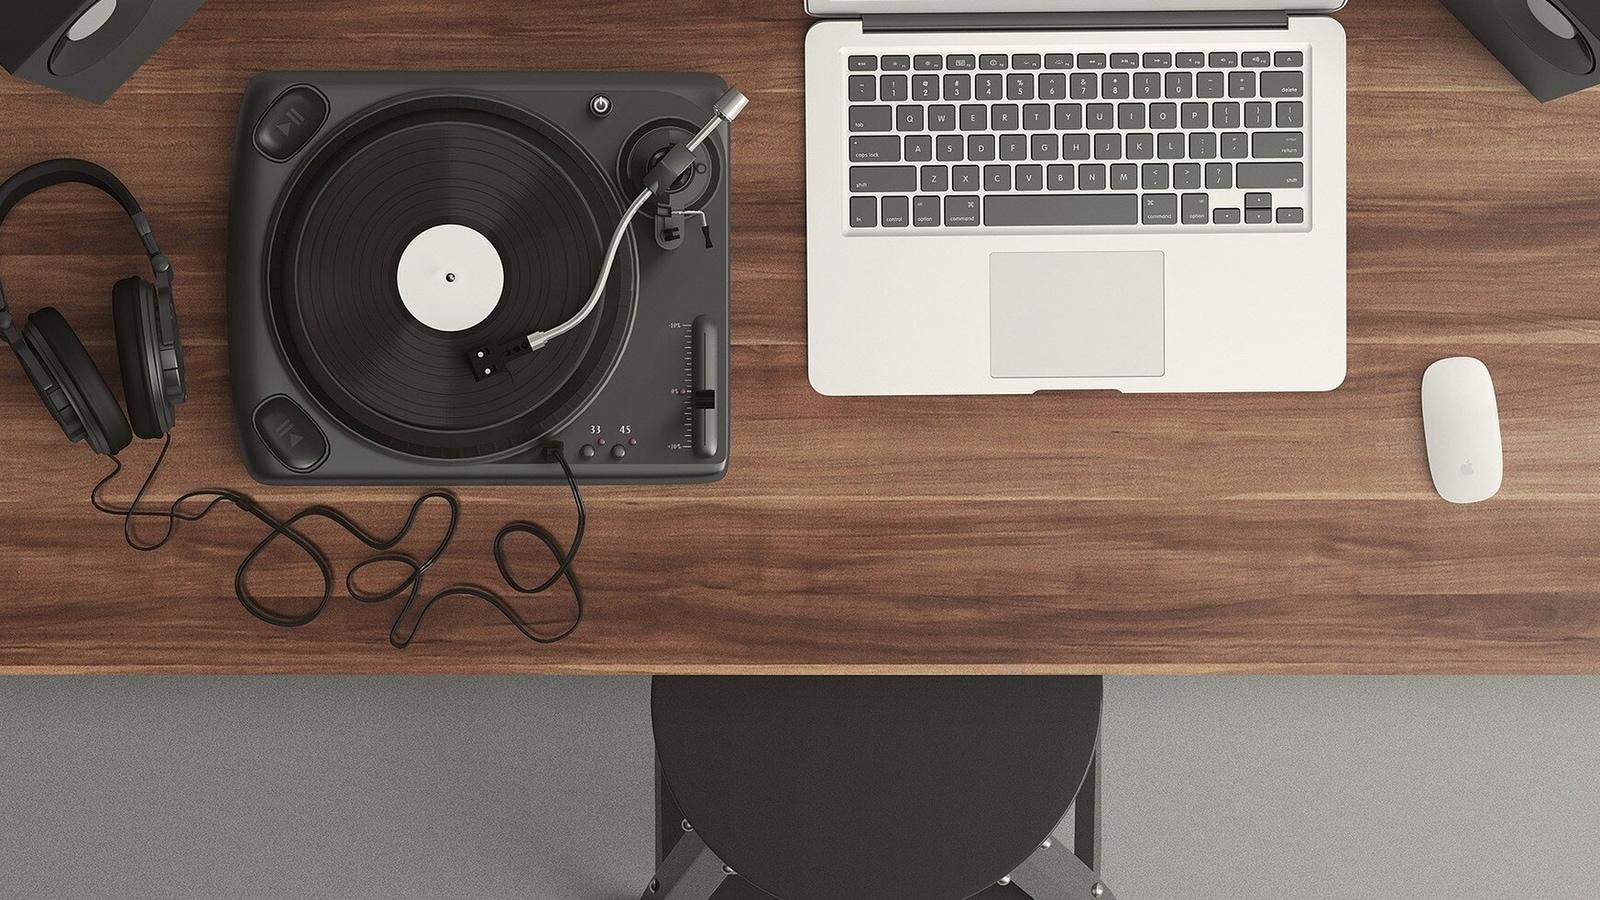 Synthèse technique: Apple pourrait ajouter la diffusion de musique Hi-Fi, le chatbot aide à trouver des vaccins